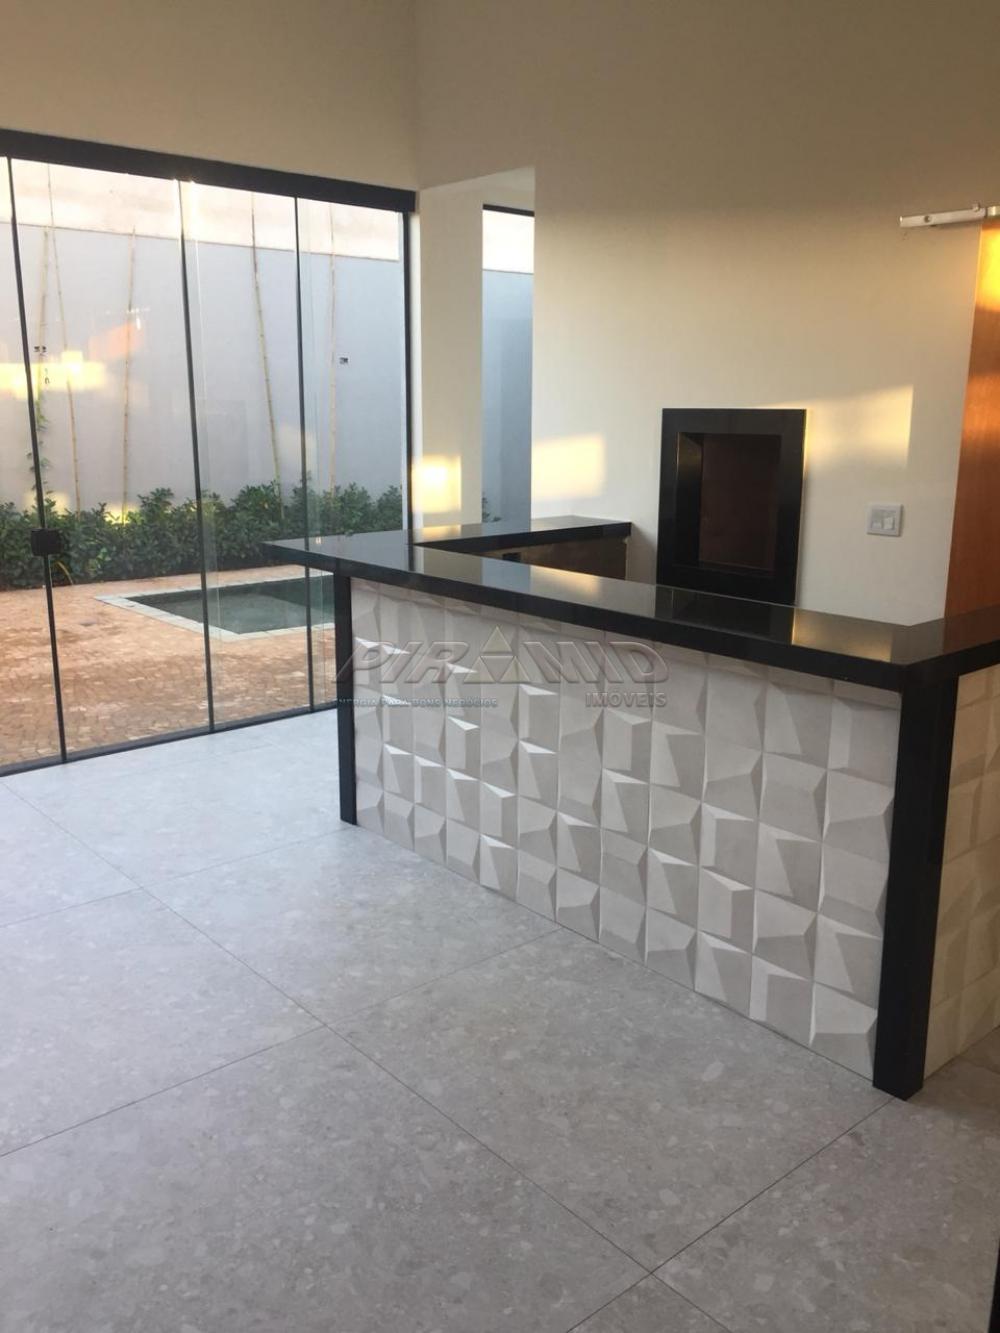 Comprar Casa / Condomínio em Ribeirão Preto apenas R$ 980.000,00 - Foto 5